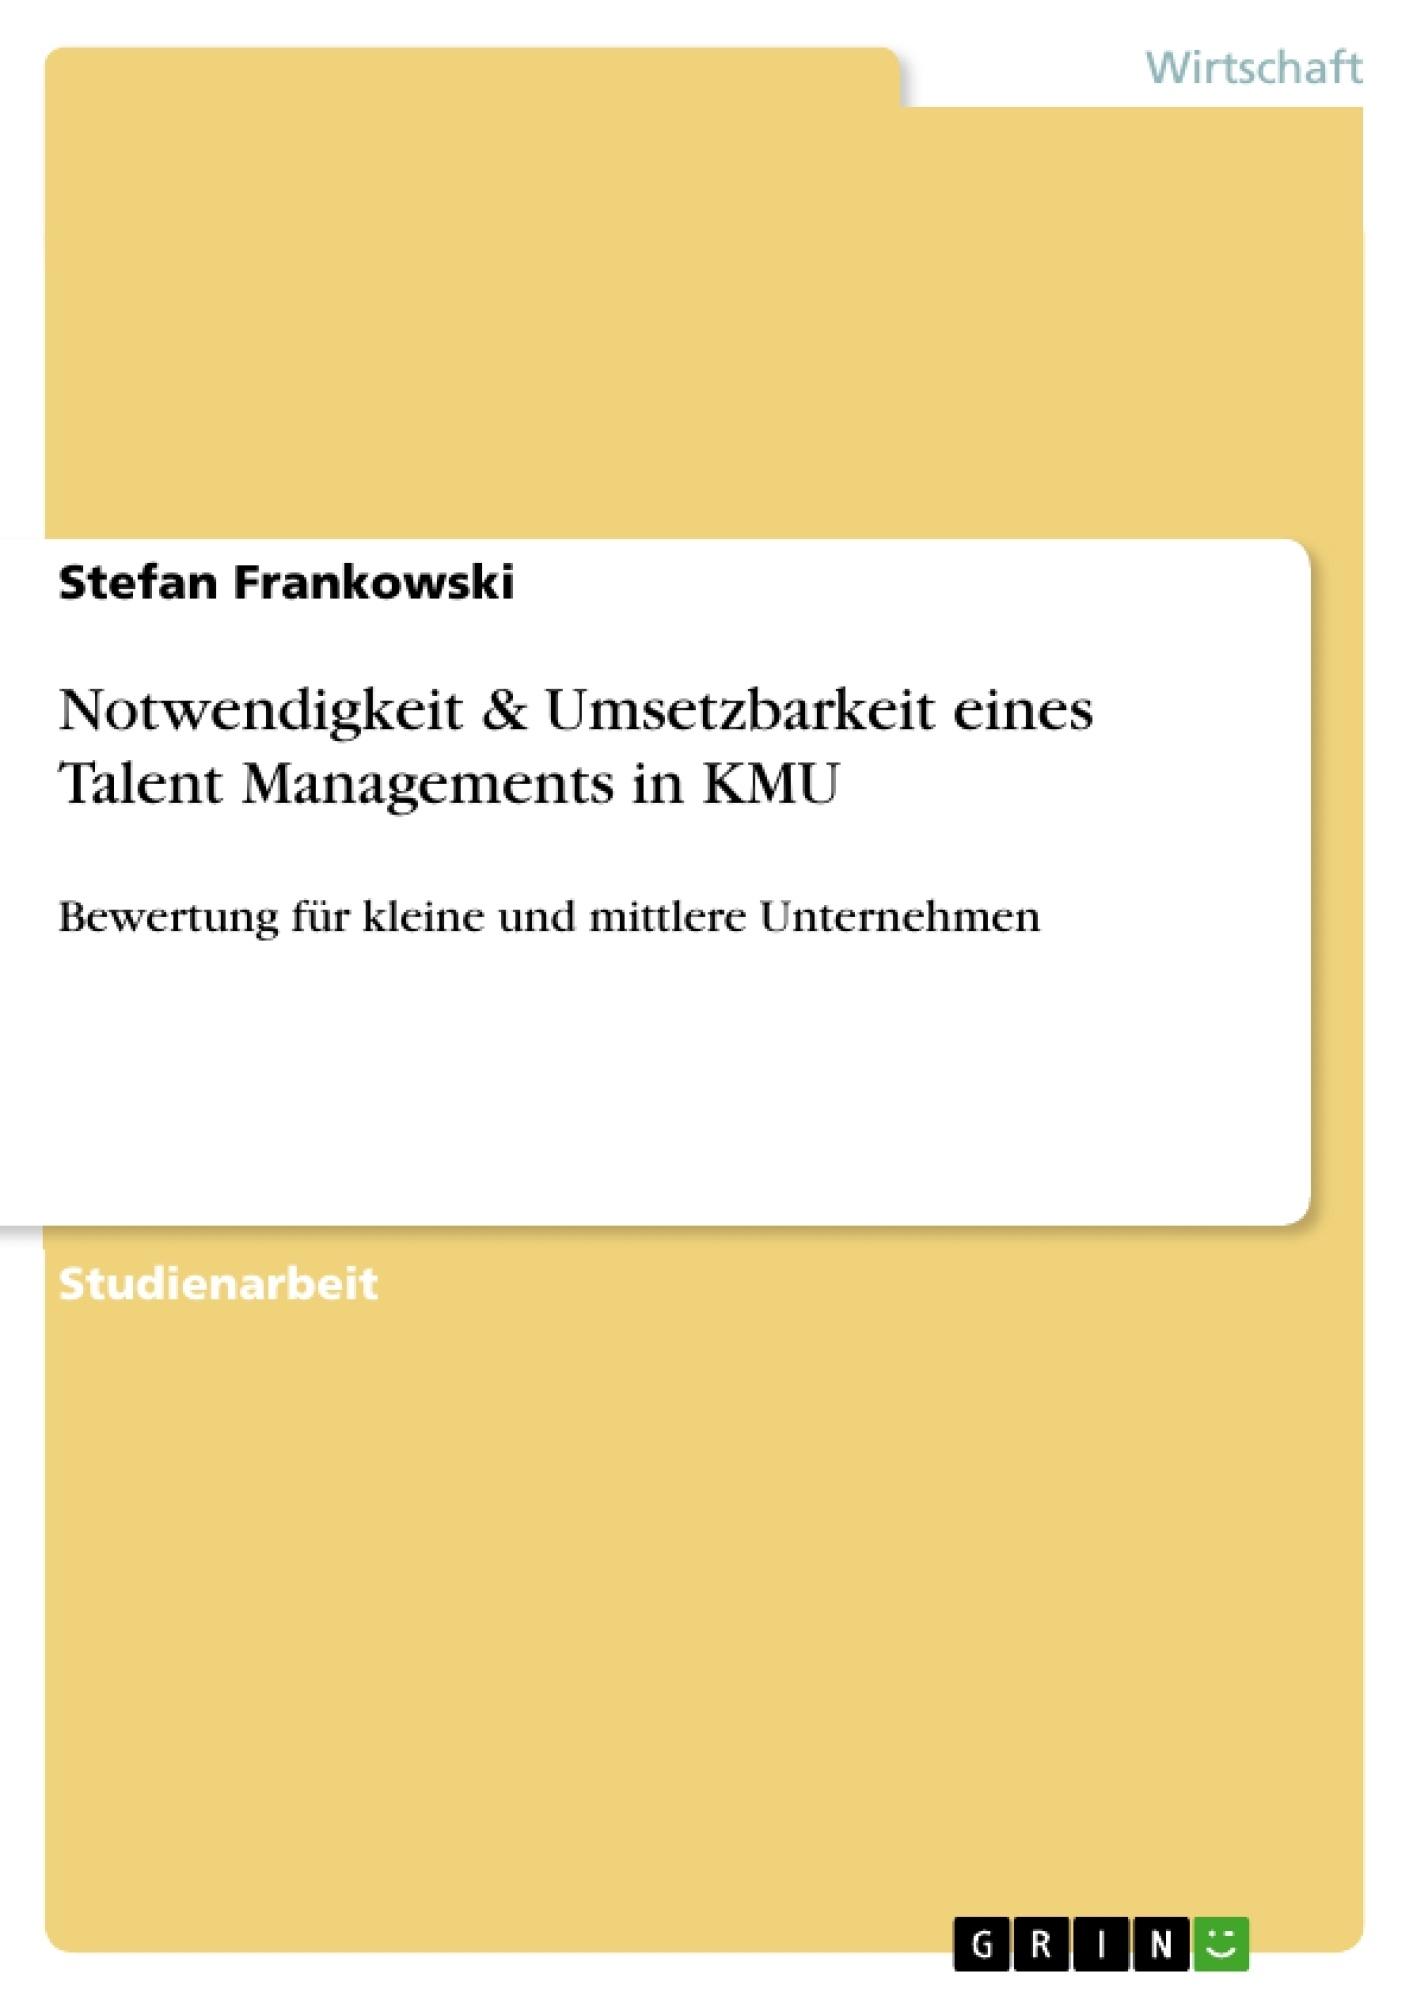 Titel: Notwendigkeit & Umsetzbarkeit eines Talent Managements in KMU